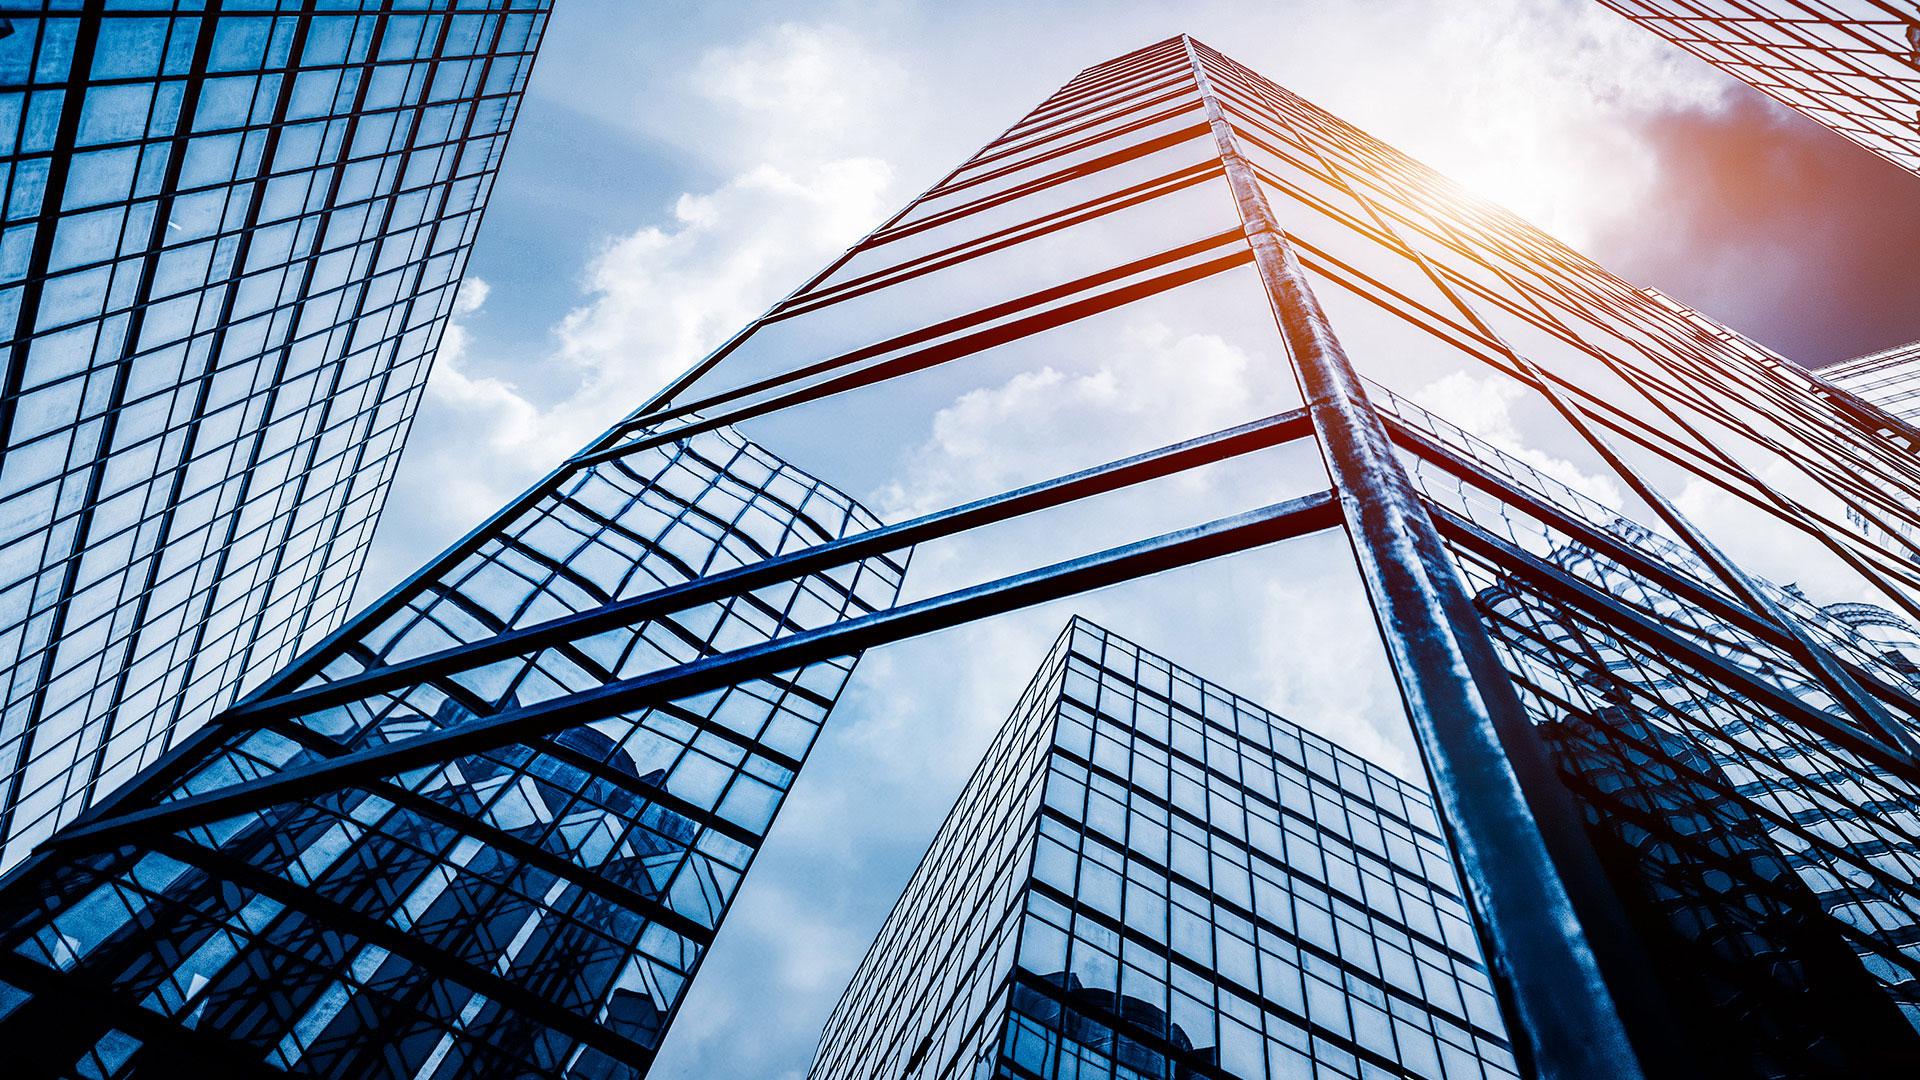 Immeuble de bureaux en verre dont le reflet projette le ciel et d'autres tours